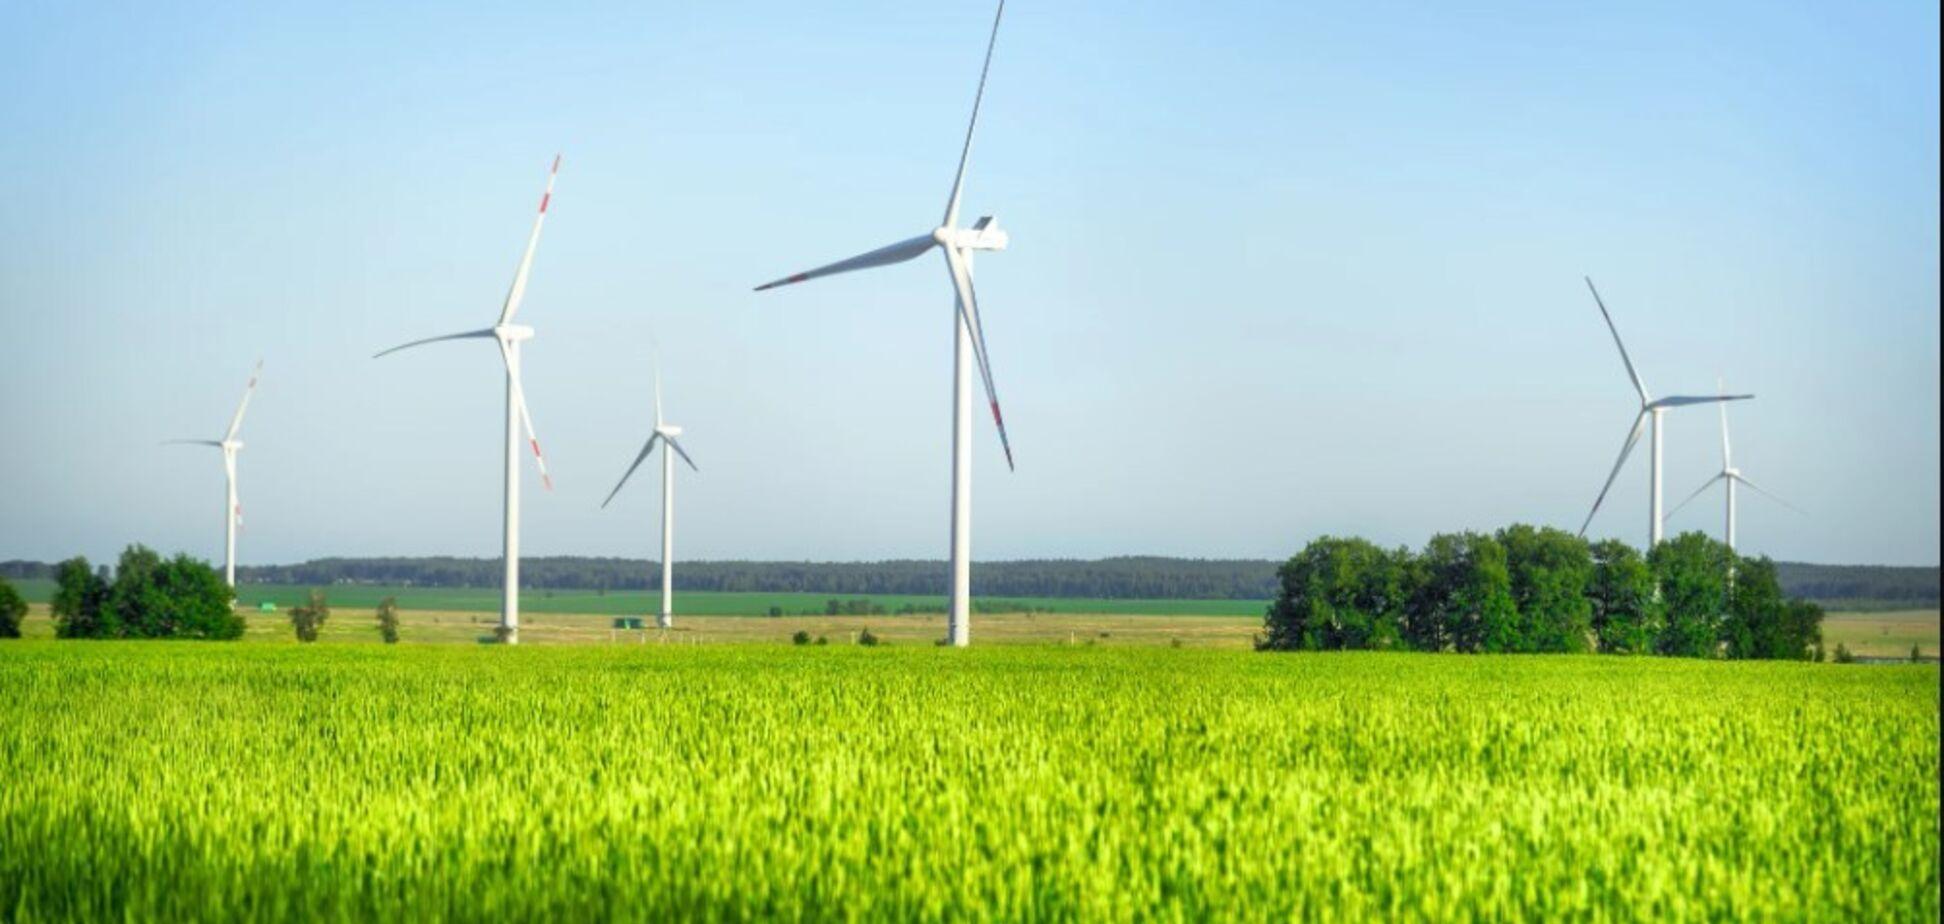 Податковий комітет Ради не допустив фінансової дискримінації підприємств зеленої енергетики – УВЕА